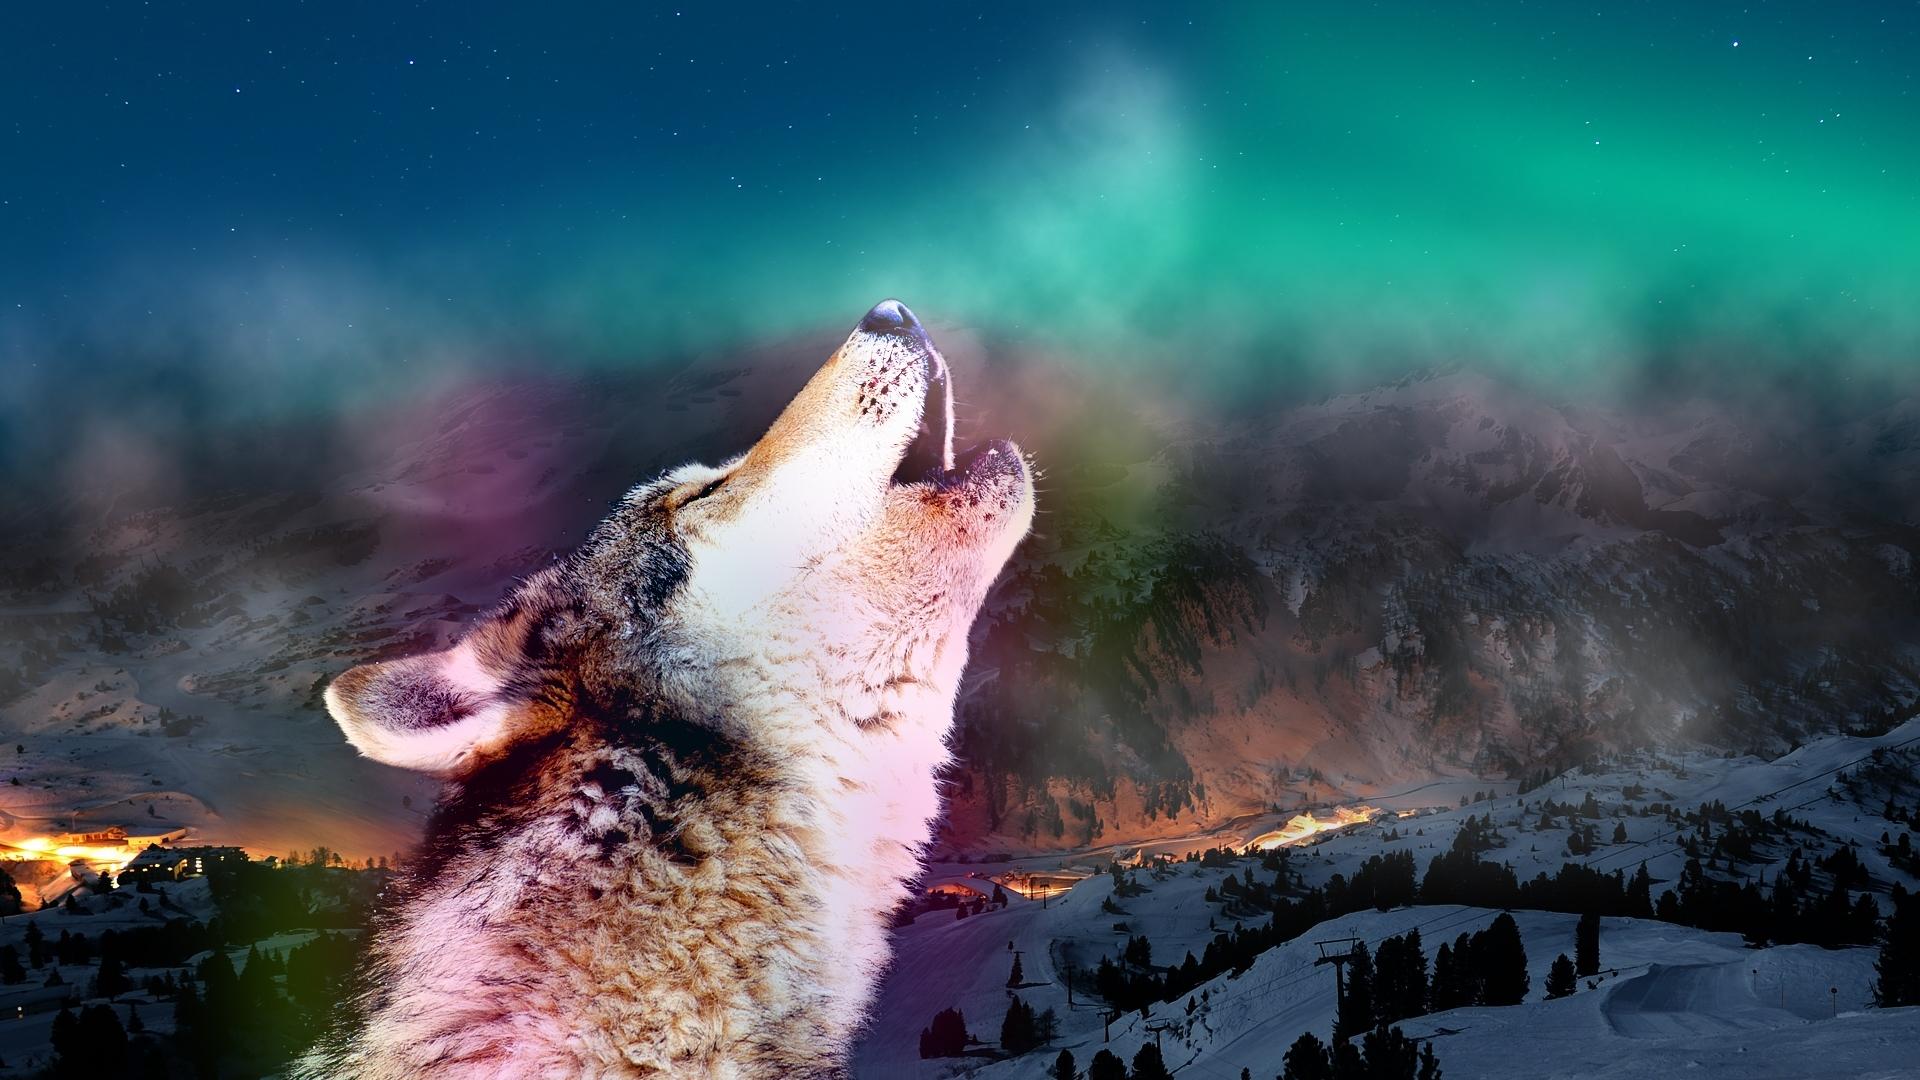 29683 Hintergrundbild herunterladen Tiere, Wölfe - Bildschirmschoner und Bilder kostenlos